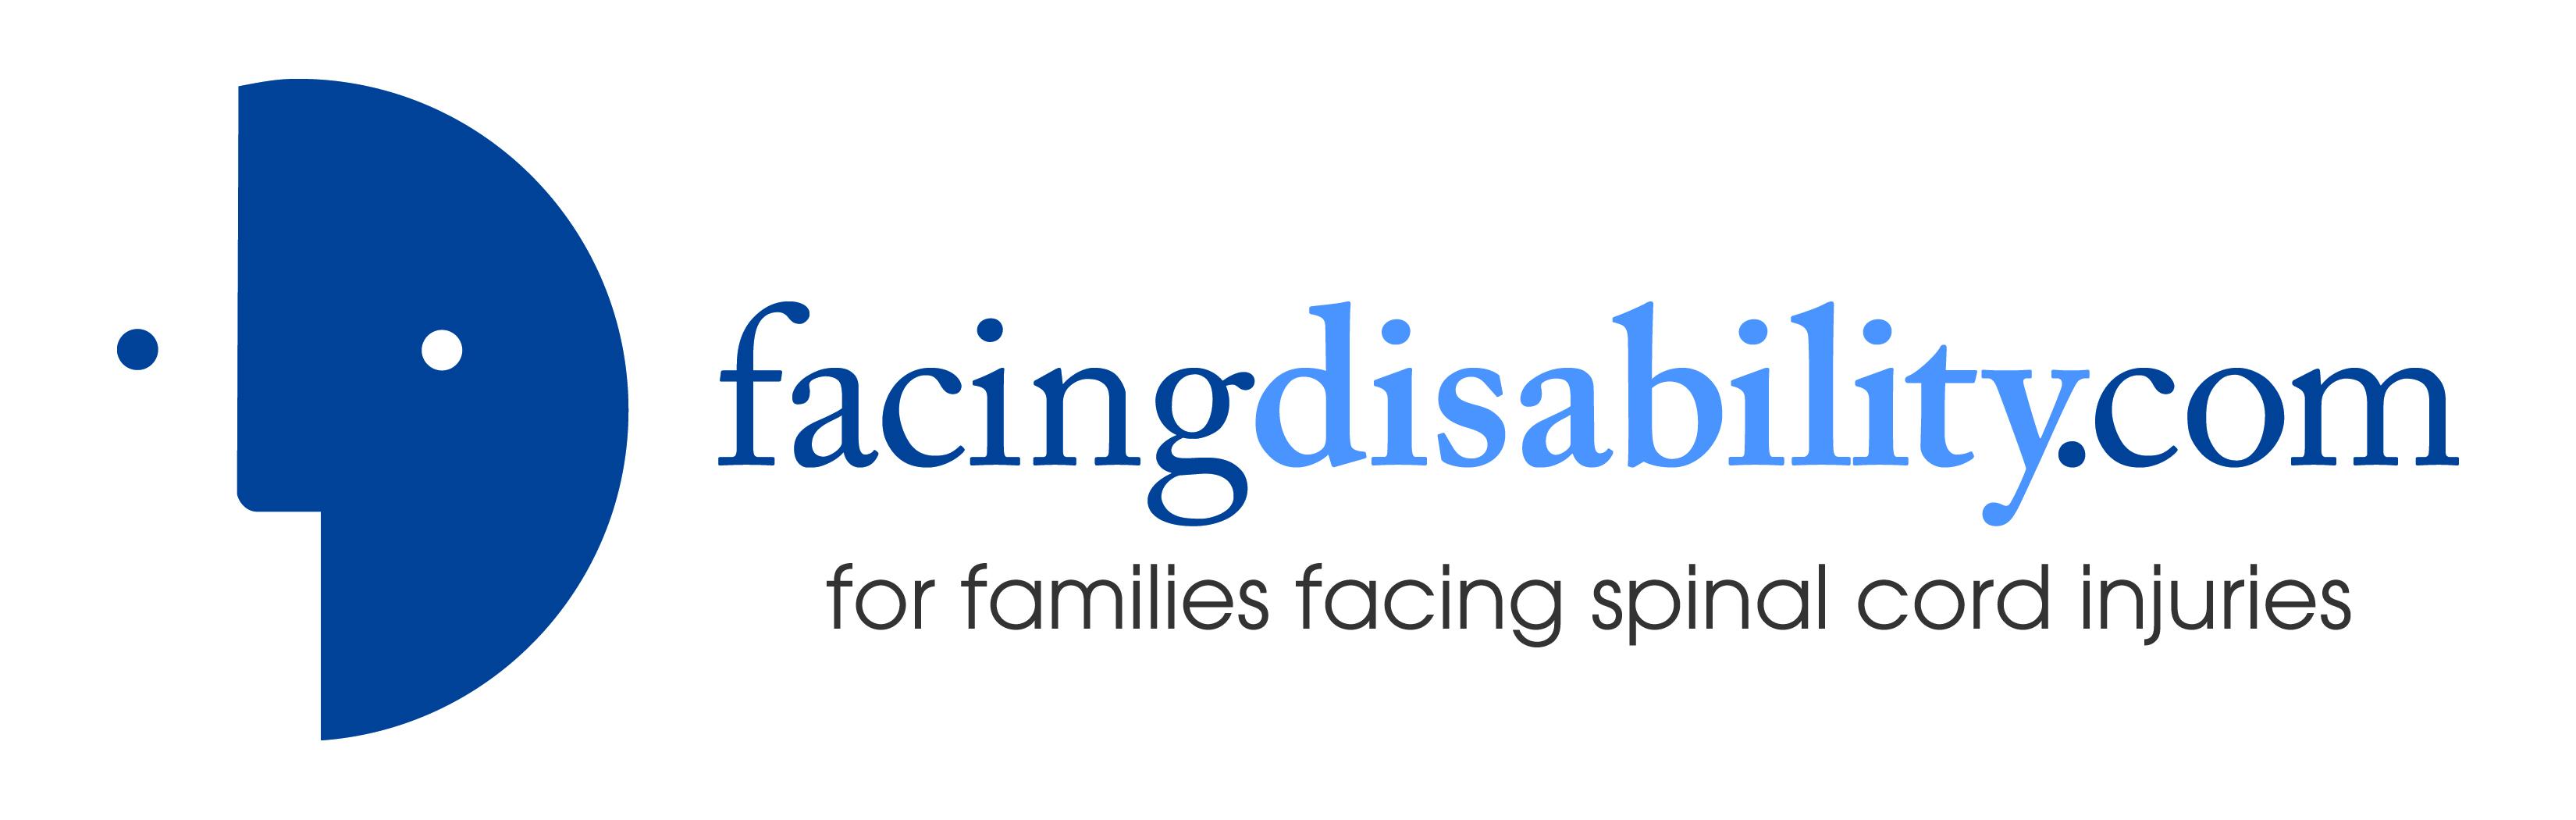 FacingDisability.com logo